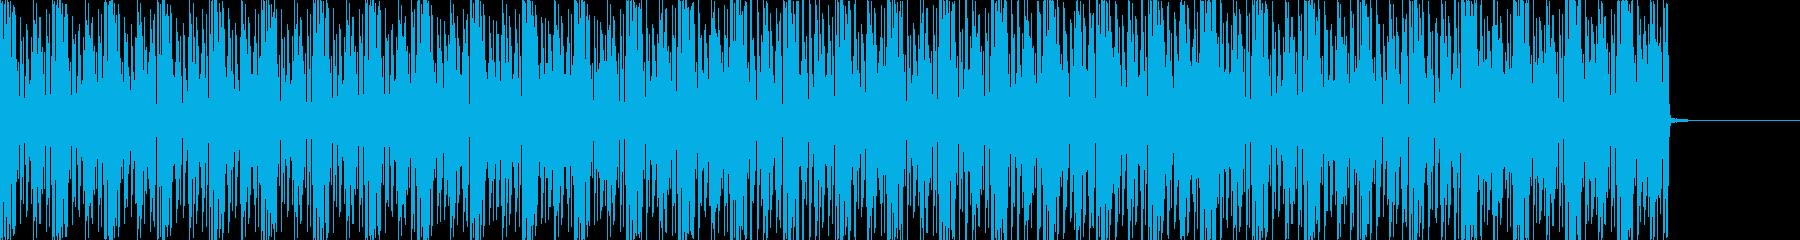 企業VPやニュース向け無機質インストの再生済みの波形